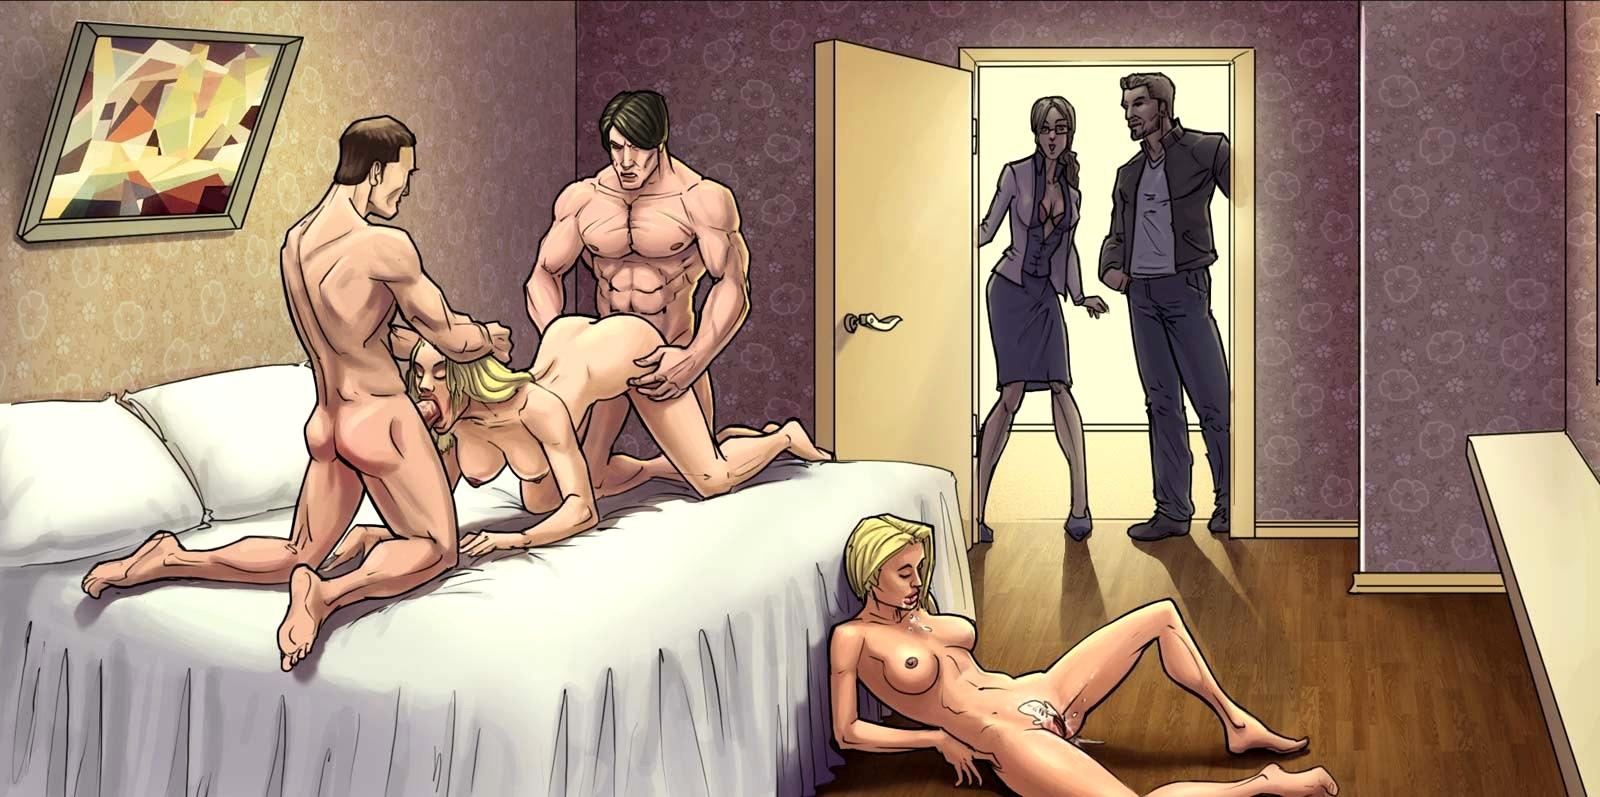 gangster-porn-pics-hiien-sex-neighbor-video